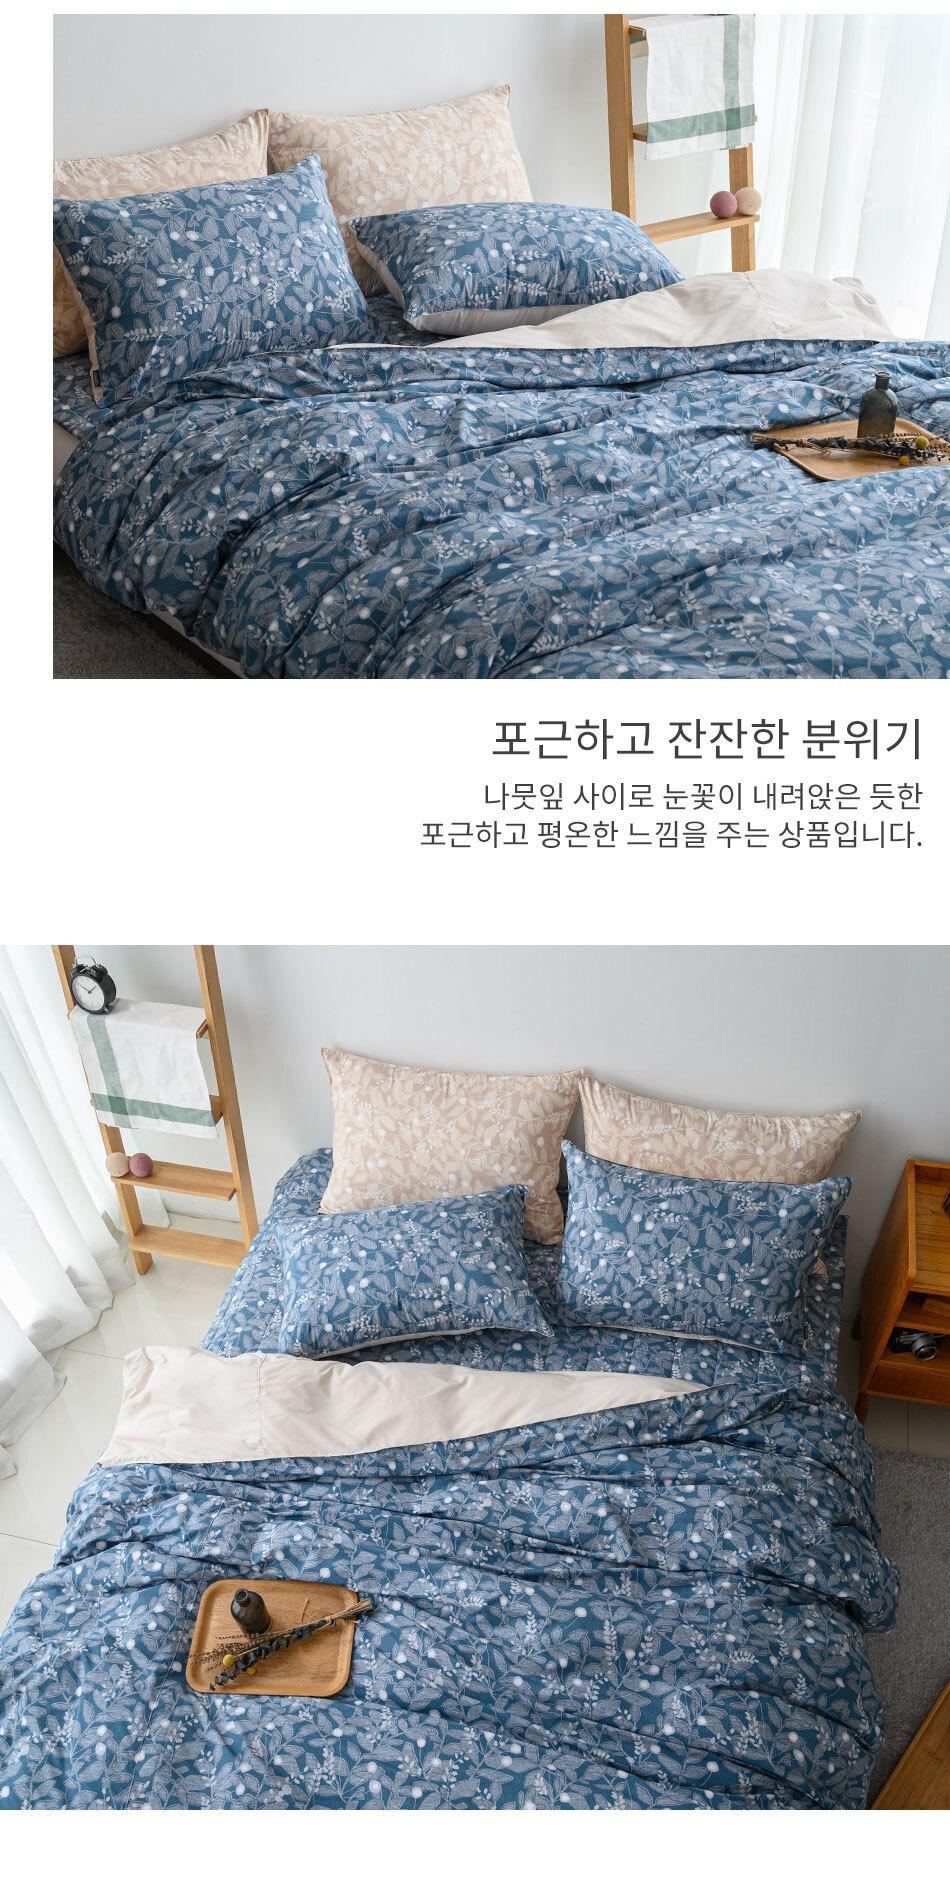 kassy_cover_blue_02.jpg